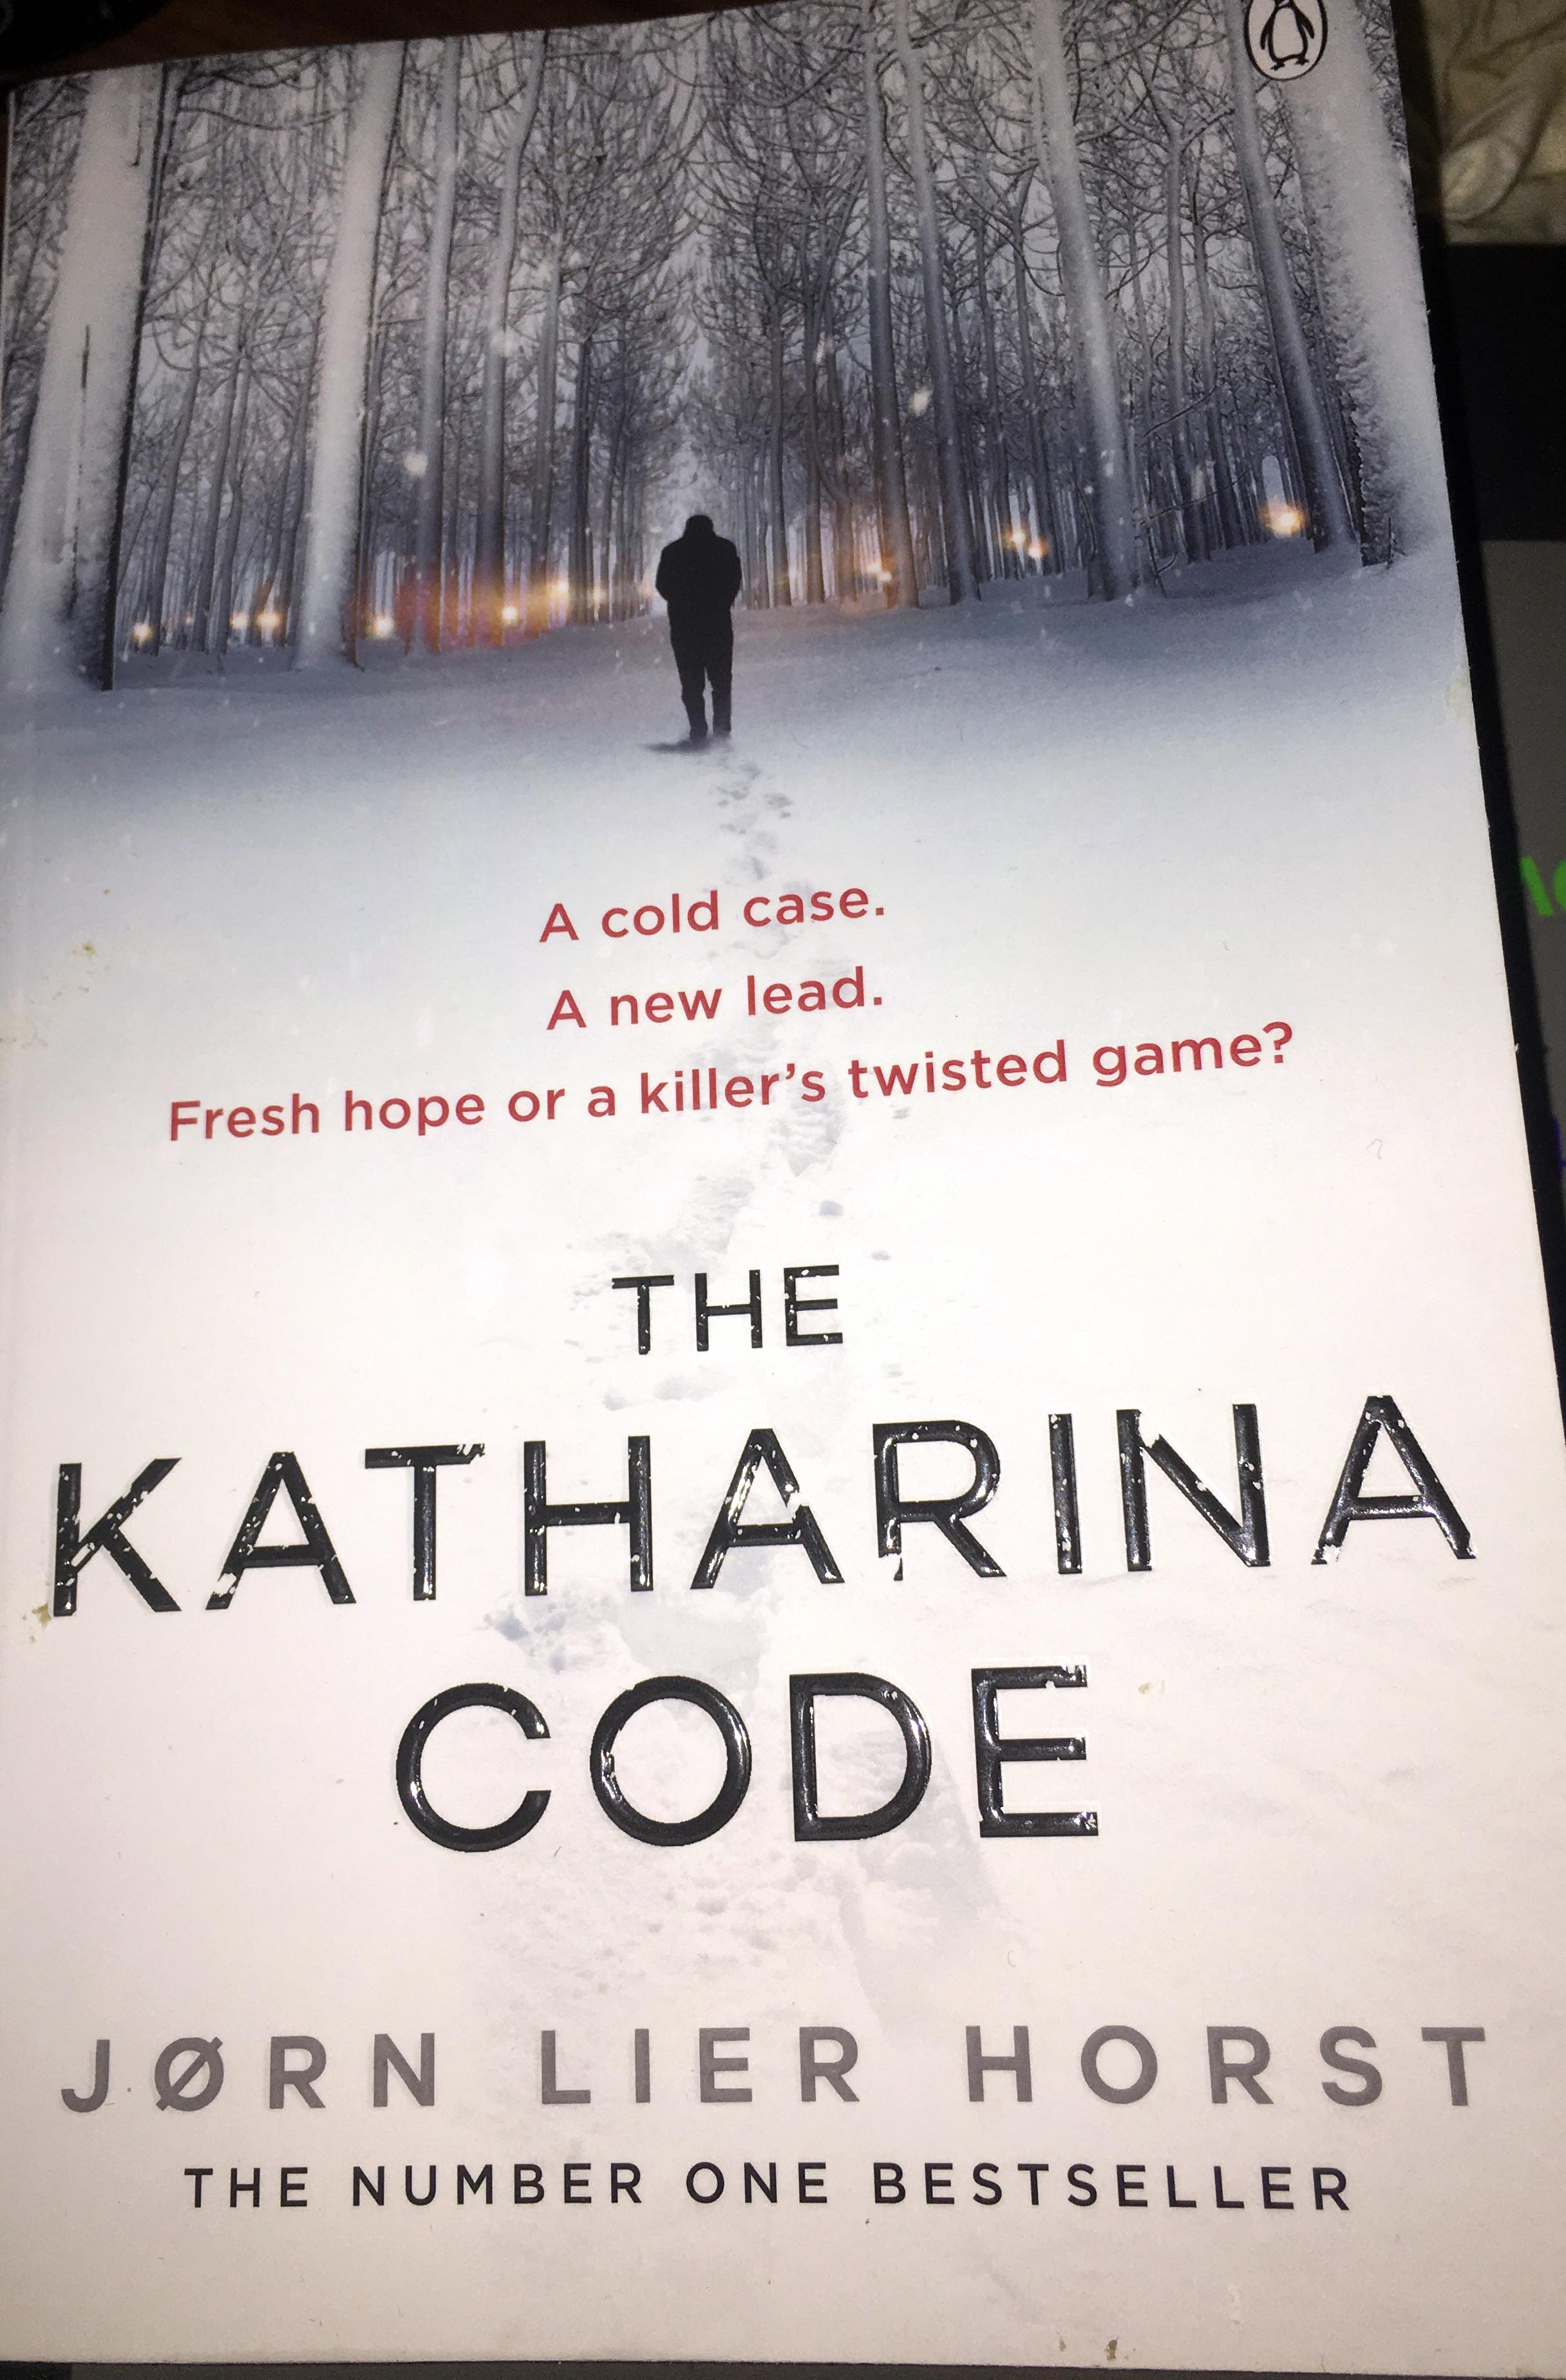 katharina code